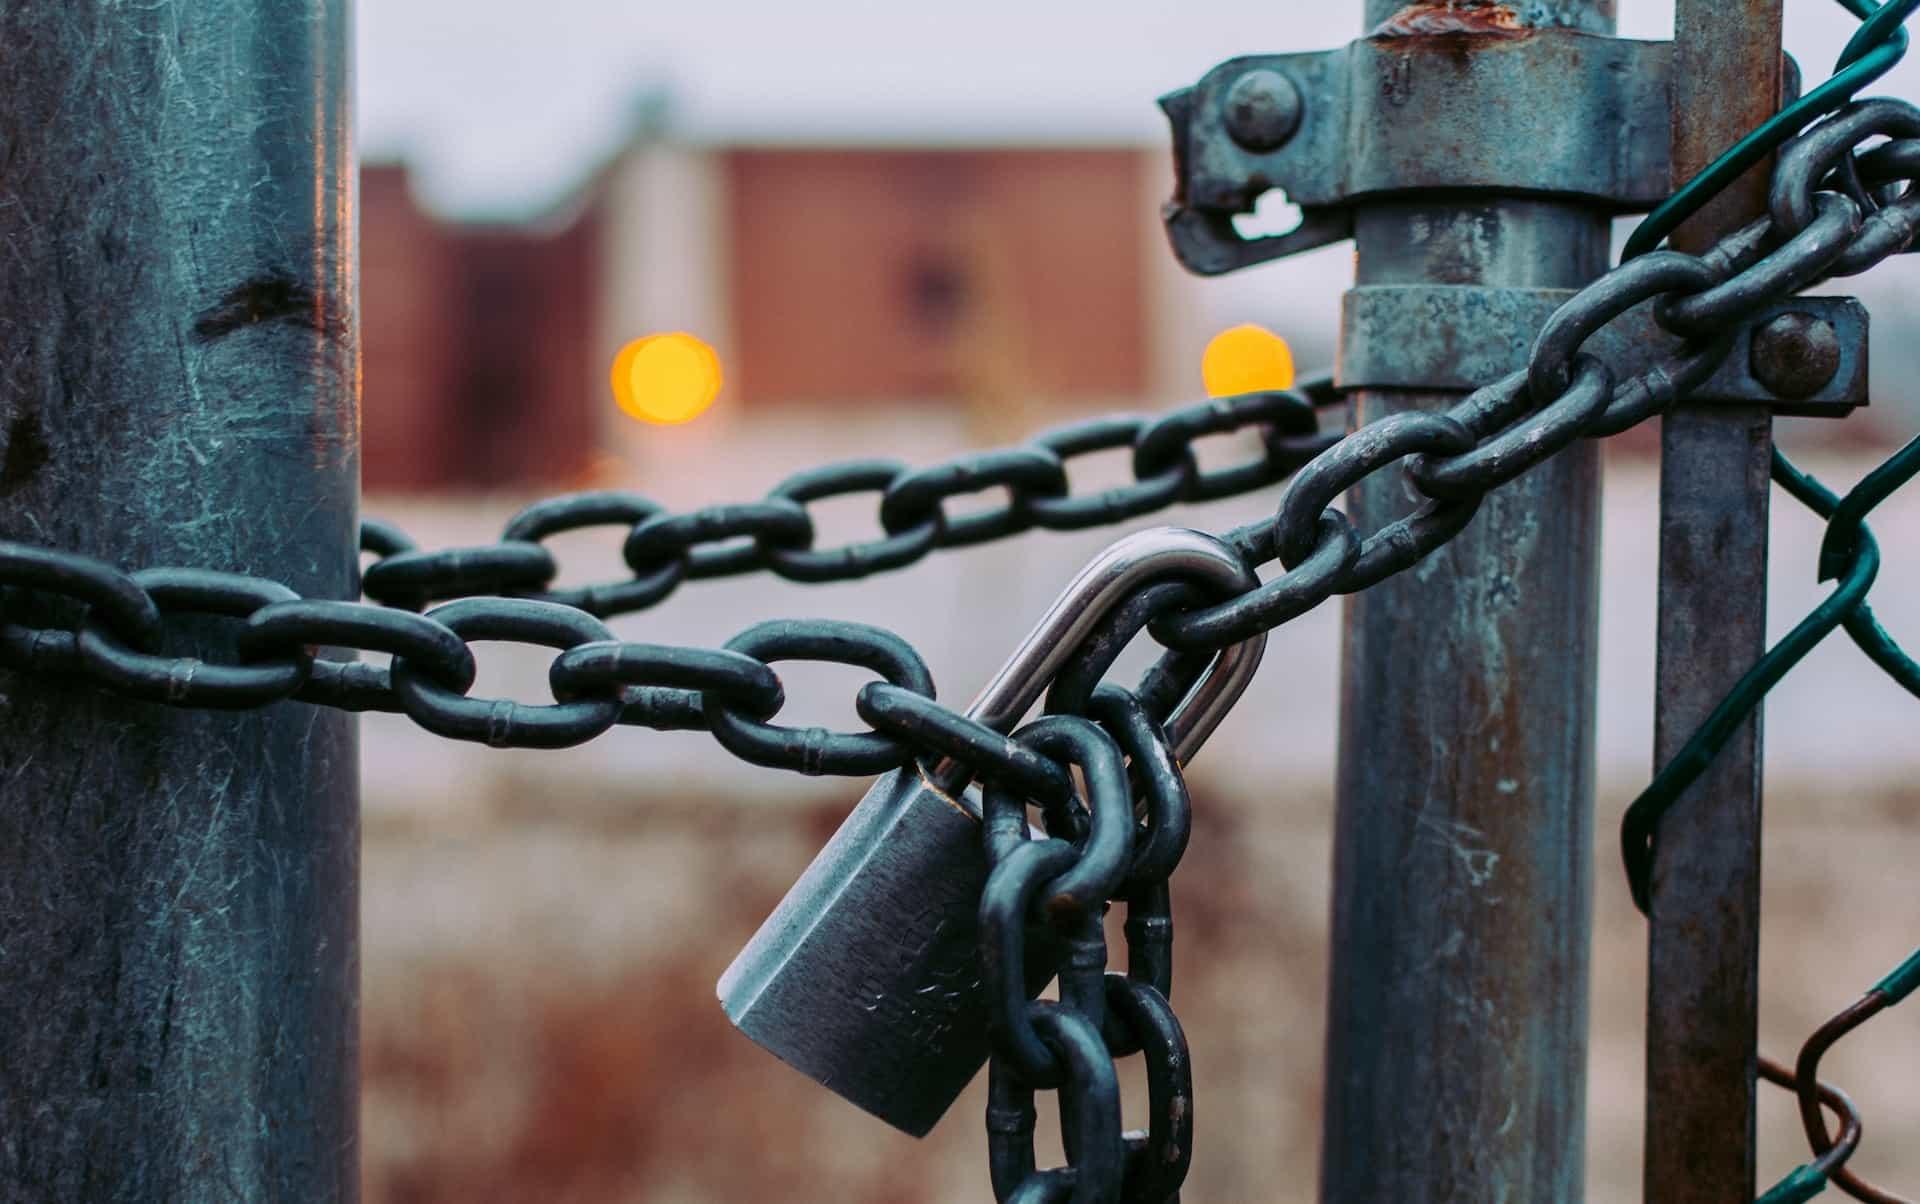 Cambriolage Renforcer La Sécurité Des Portes Et Fenêtres Huisclos